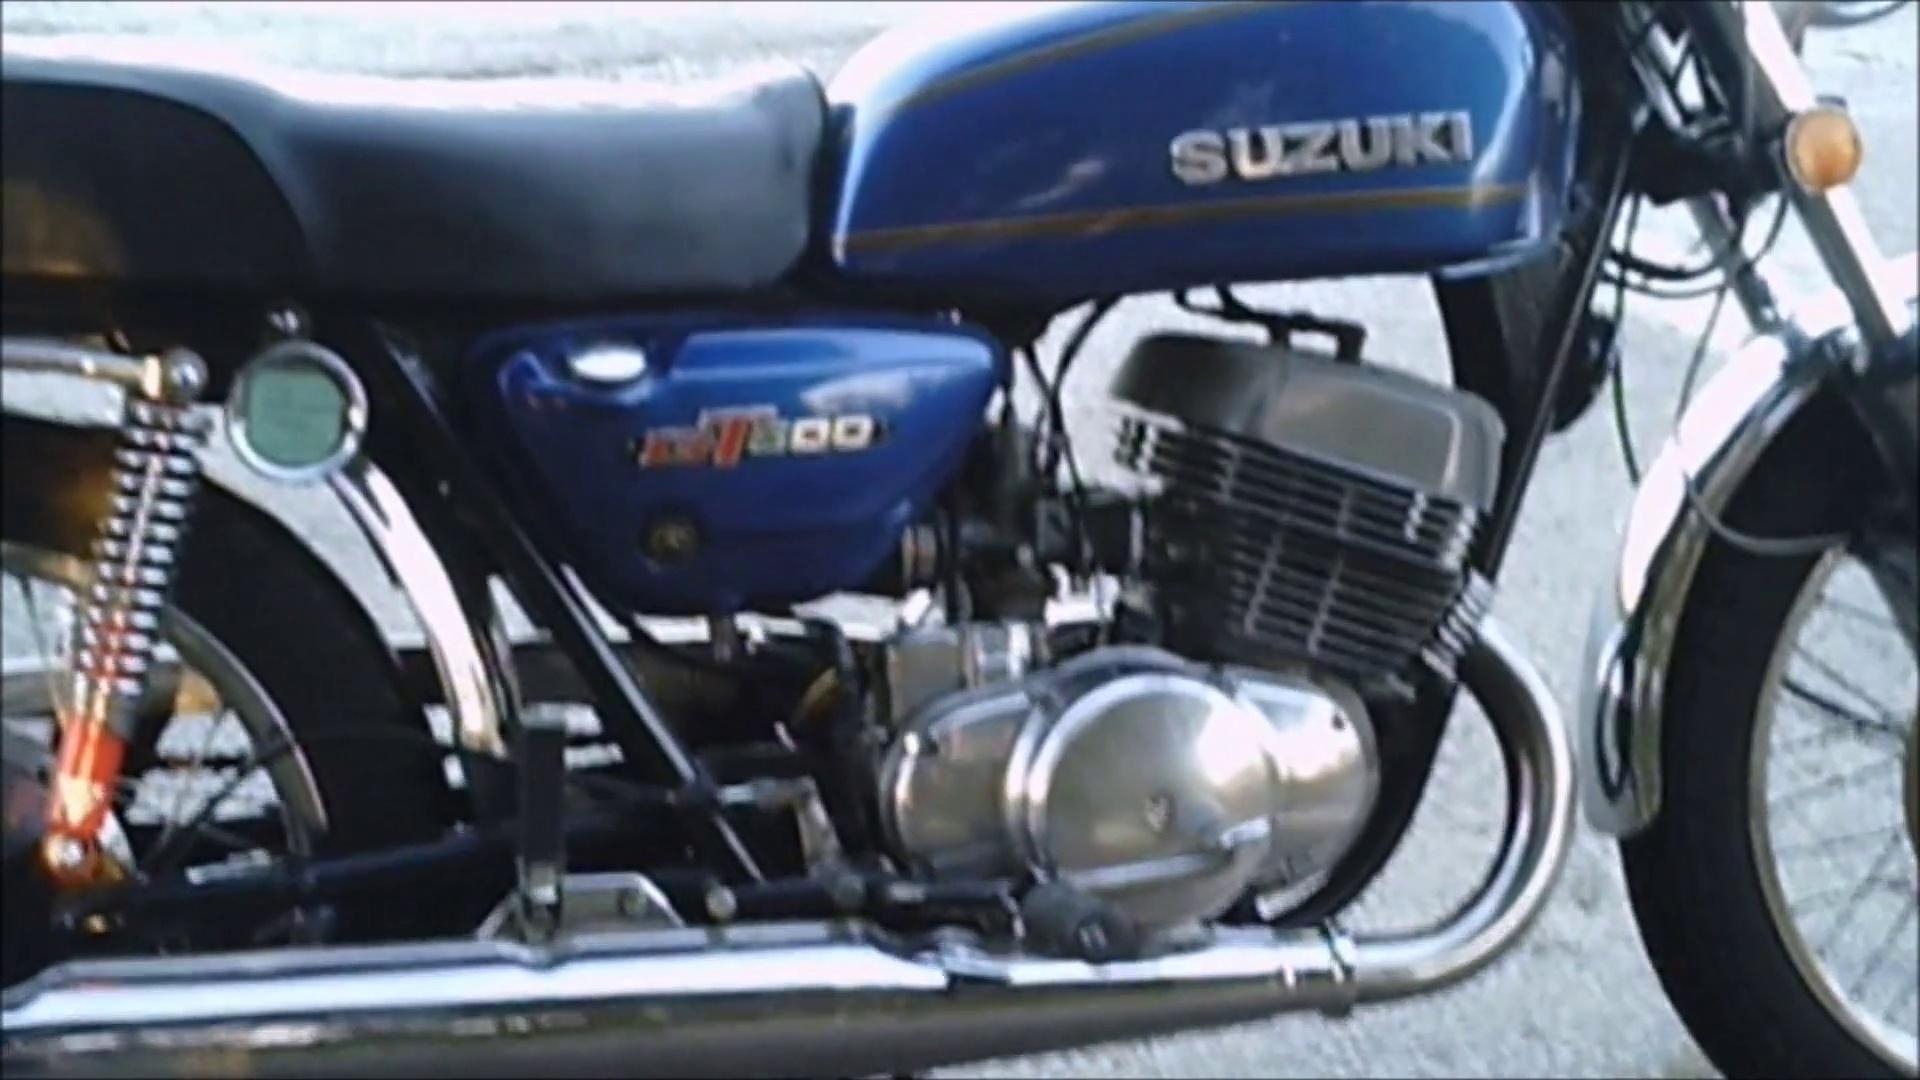 suzuki gt500